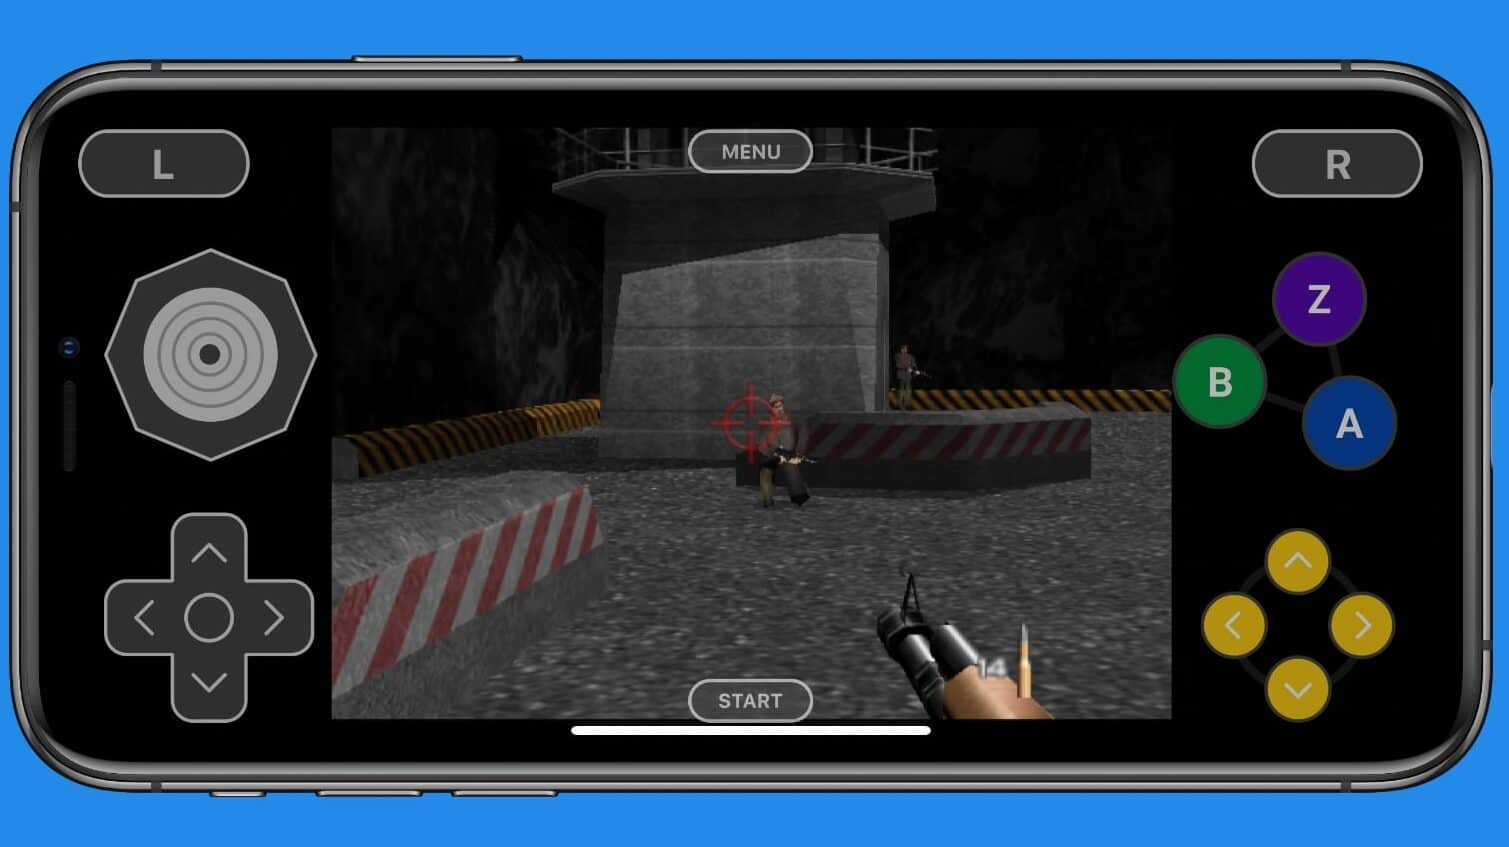 Best N64 Emulators - AltStore/Delta